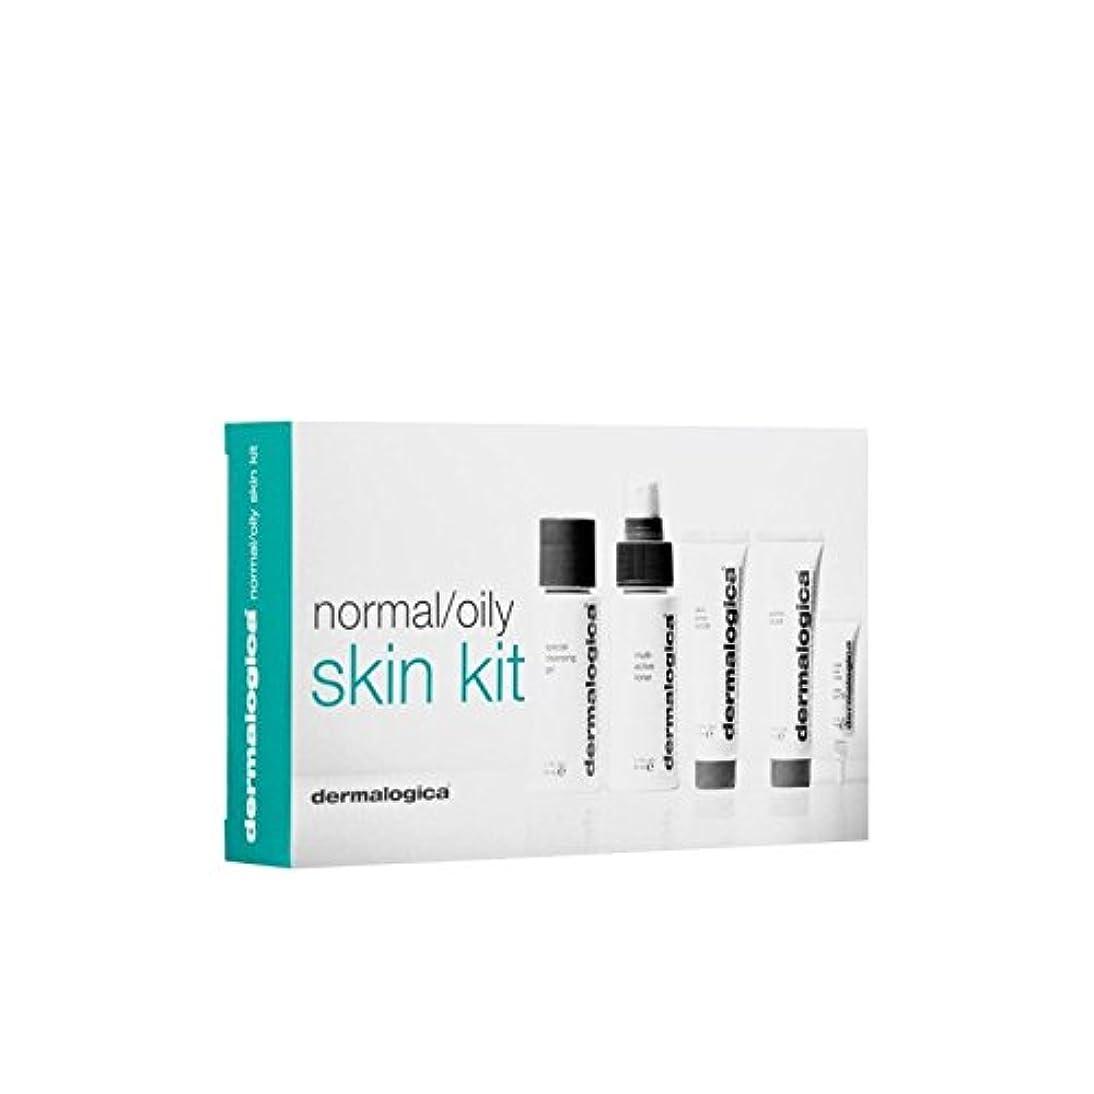 まさにオリエンテーション囚人Dermalogica Skin Kit - Normal/Oily (5 Products) (Pack of 6) - ダーマロジカスキンキット - ノーマル/オイリー(5製品) x6 [並行輸入品]